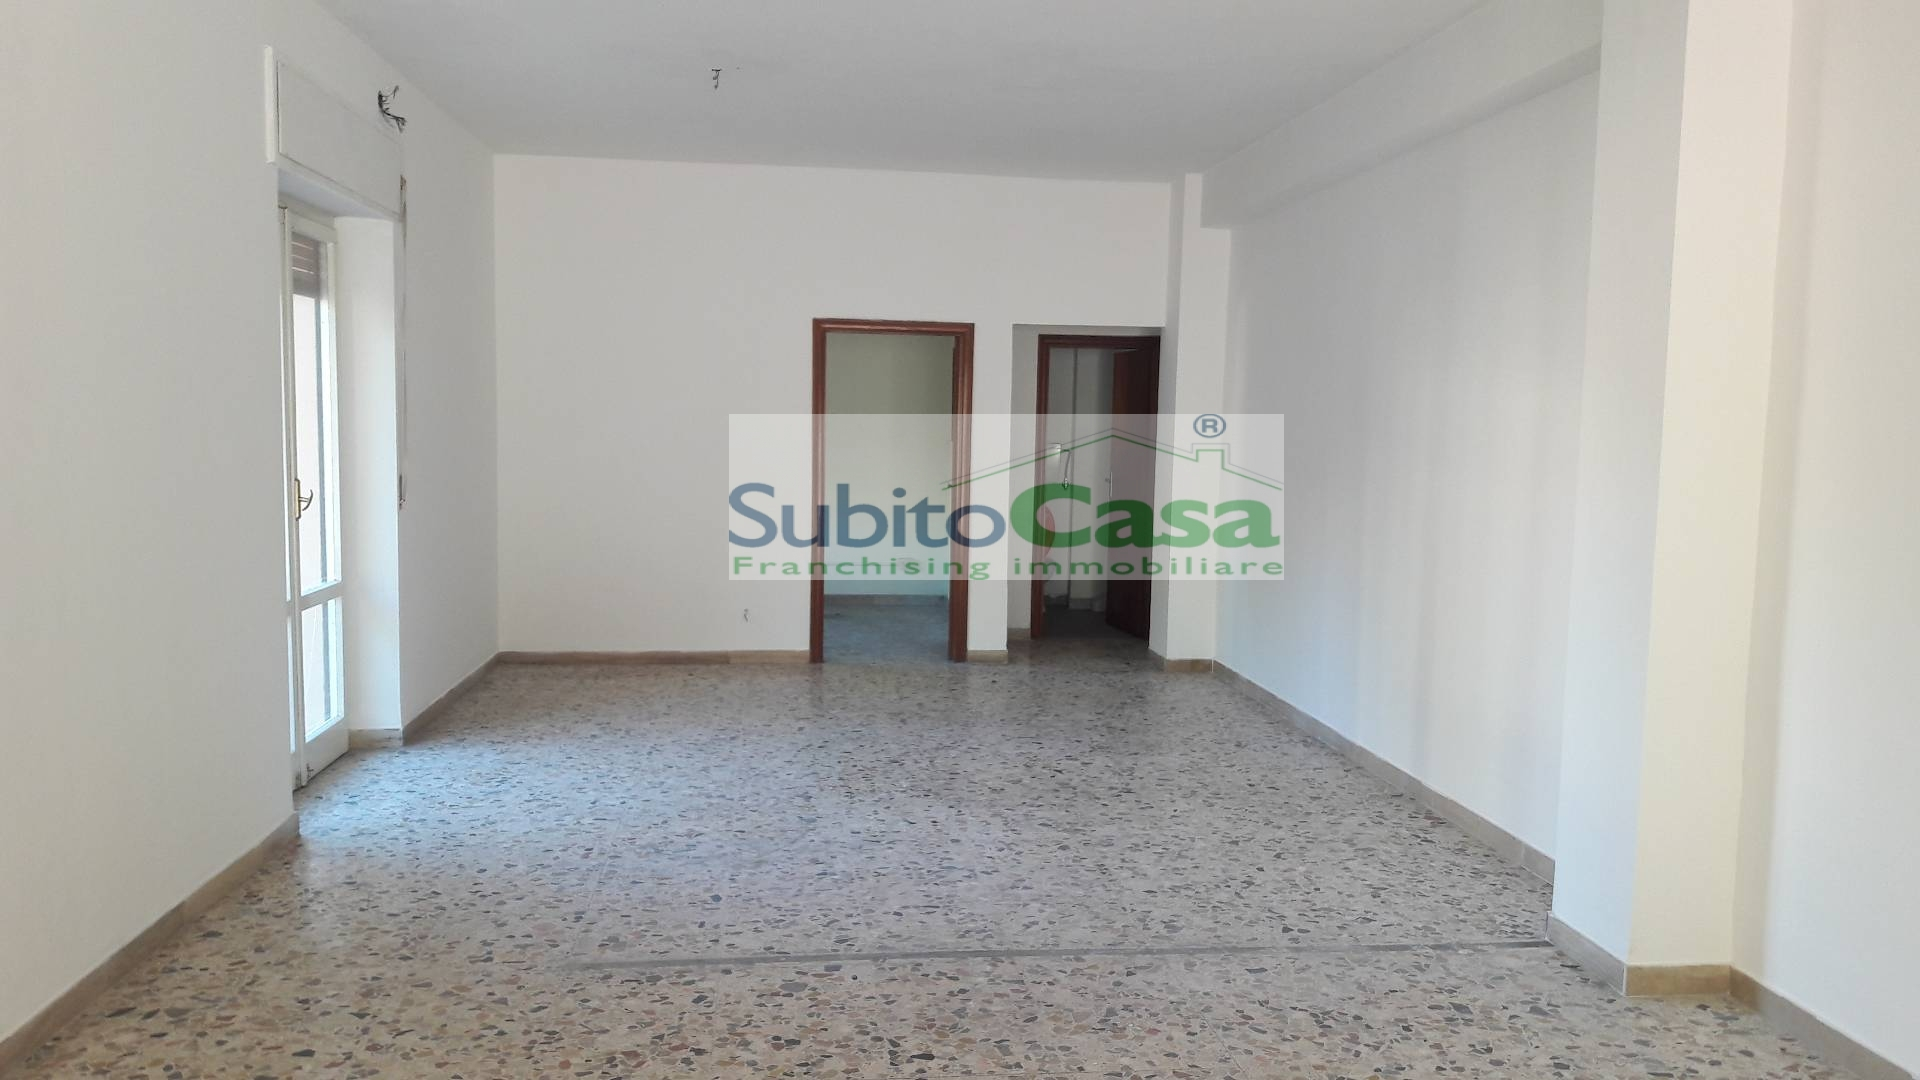 Negozio / Locale in vendita a Chieti, 9999 locali, zona Località: ChietiZonaFilippone, prezzo € 70.000 | CambioCasa.it